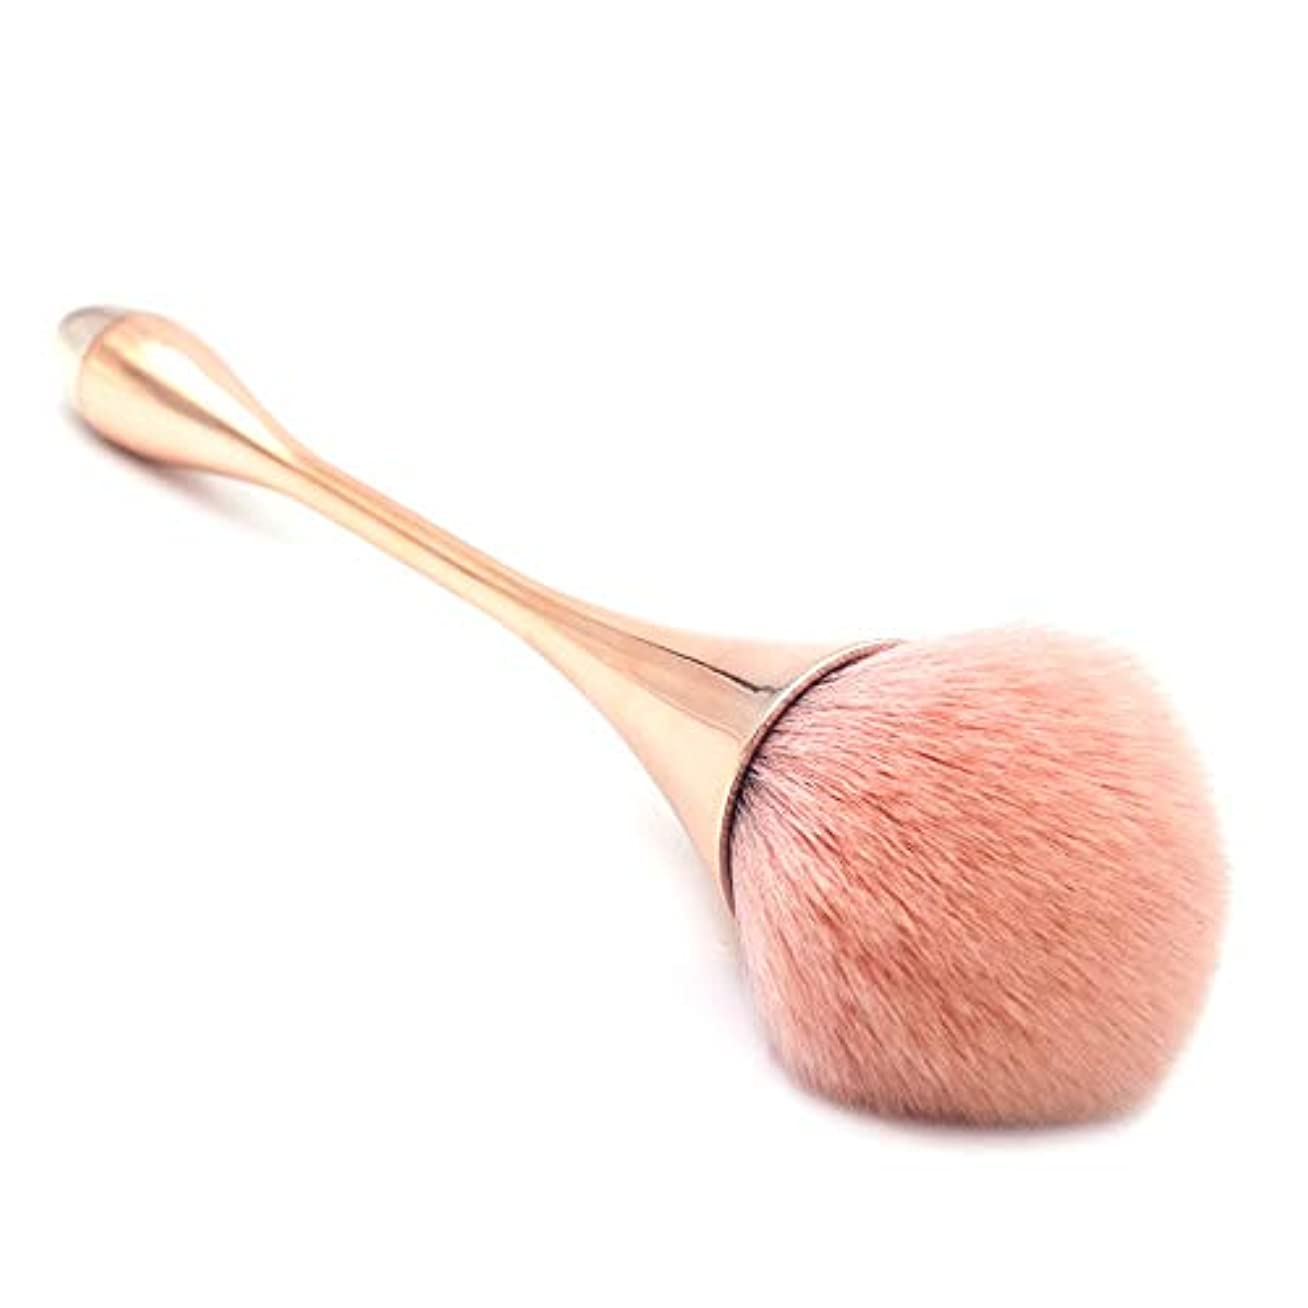 衝突ふりをする再びMakeup brushes 宣言的な適用範囲のための化粧筆ミネラルパウダーファンデーションブレンディングビュッフェ、シングルスレンダーウエストビッグパウダーブラシ suits (Color : Rose gold)